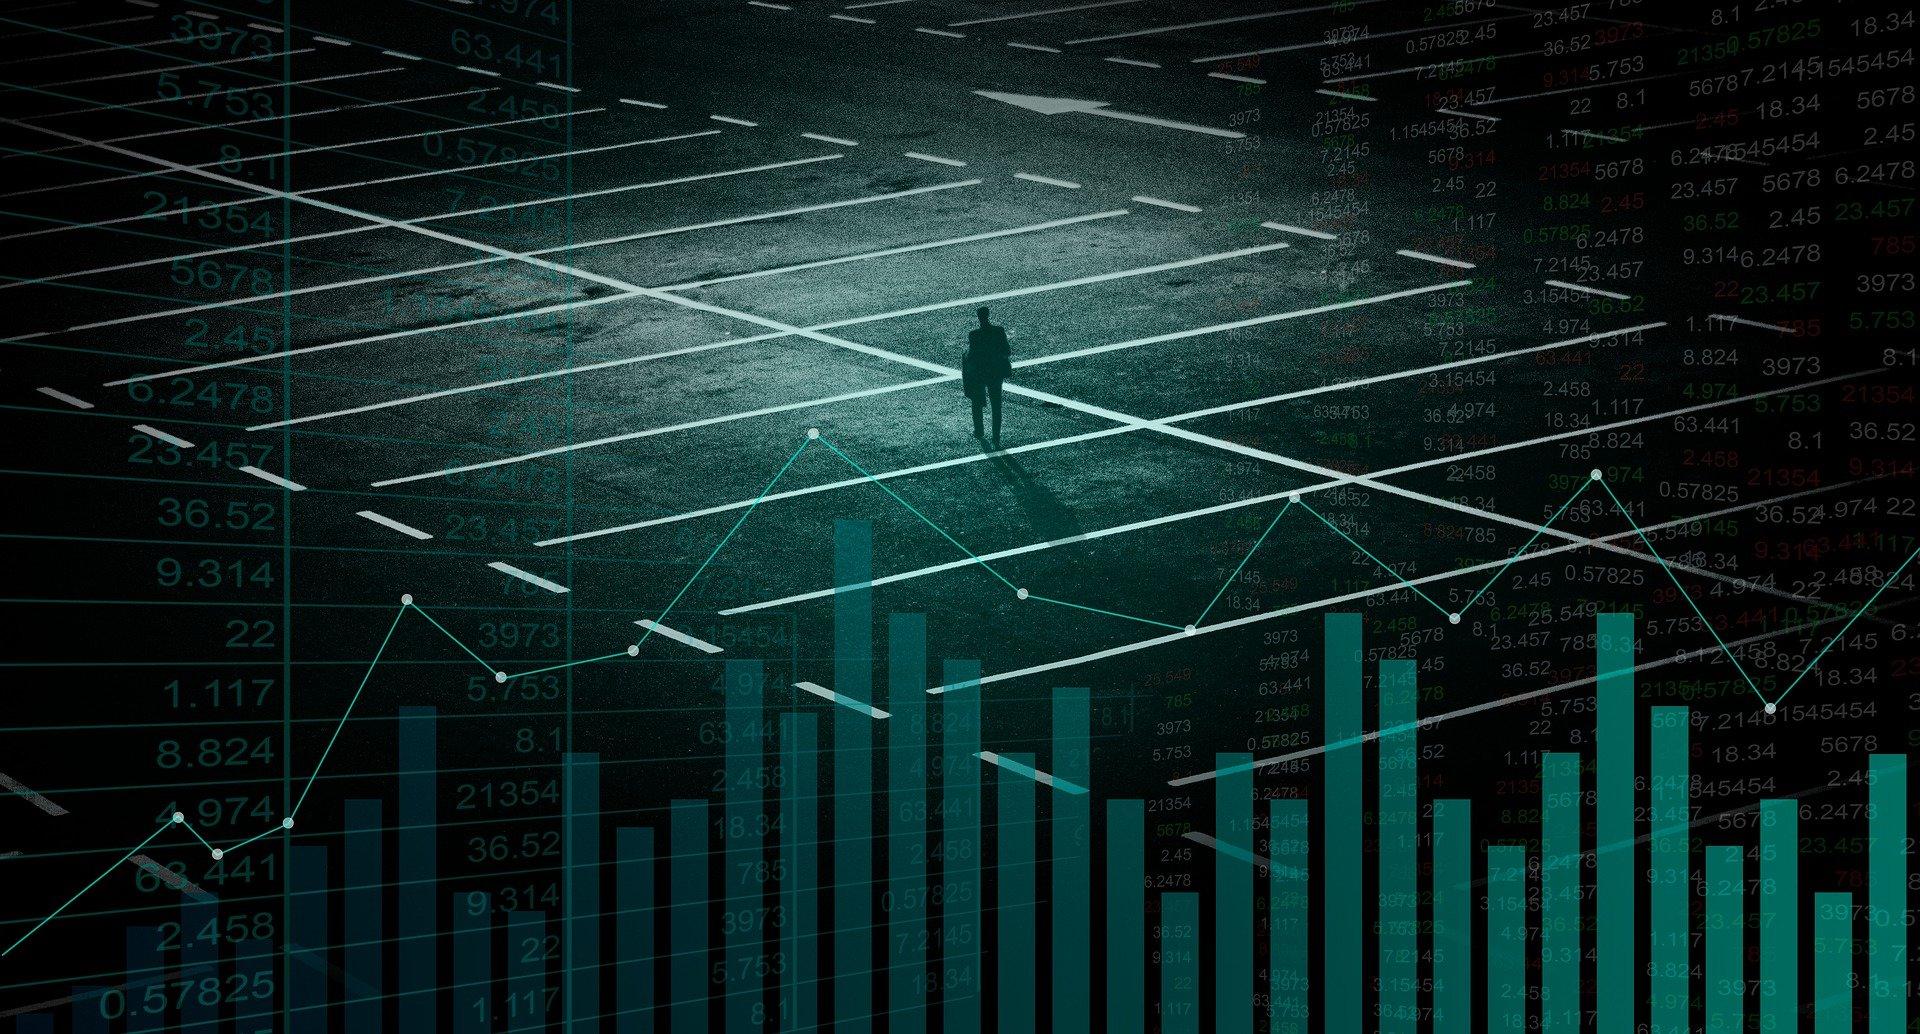 How to prepare your portfolio for the uncertain future?